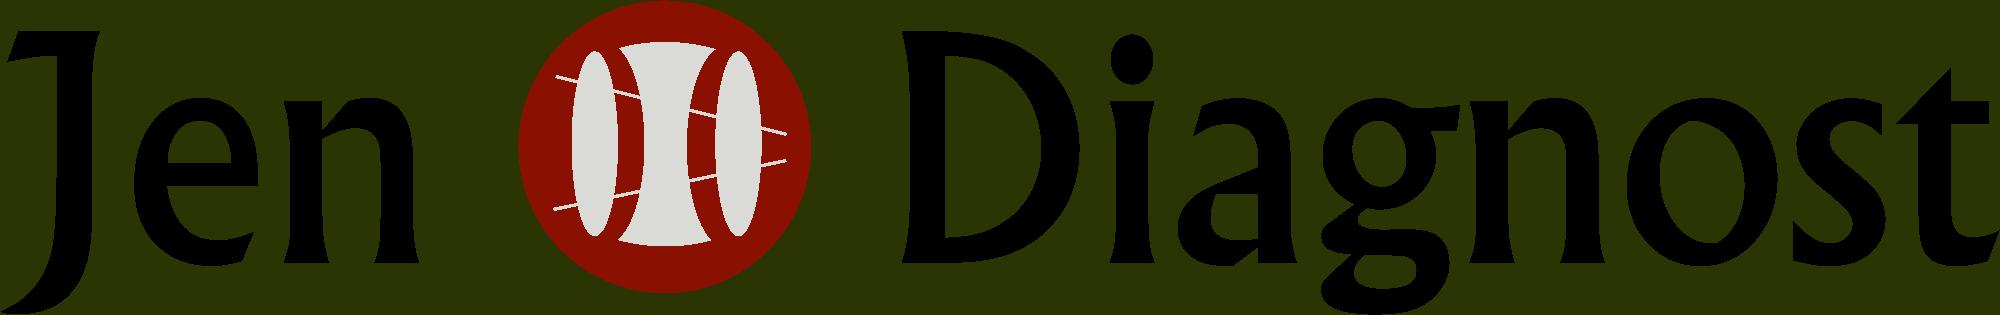 JenDiagnost GmbH - Optische Meß- und Medizintechnik Logo